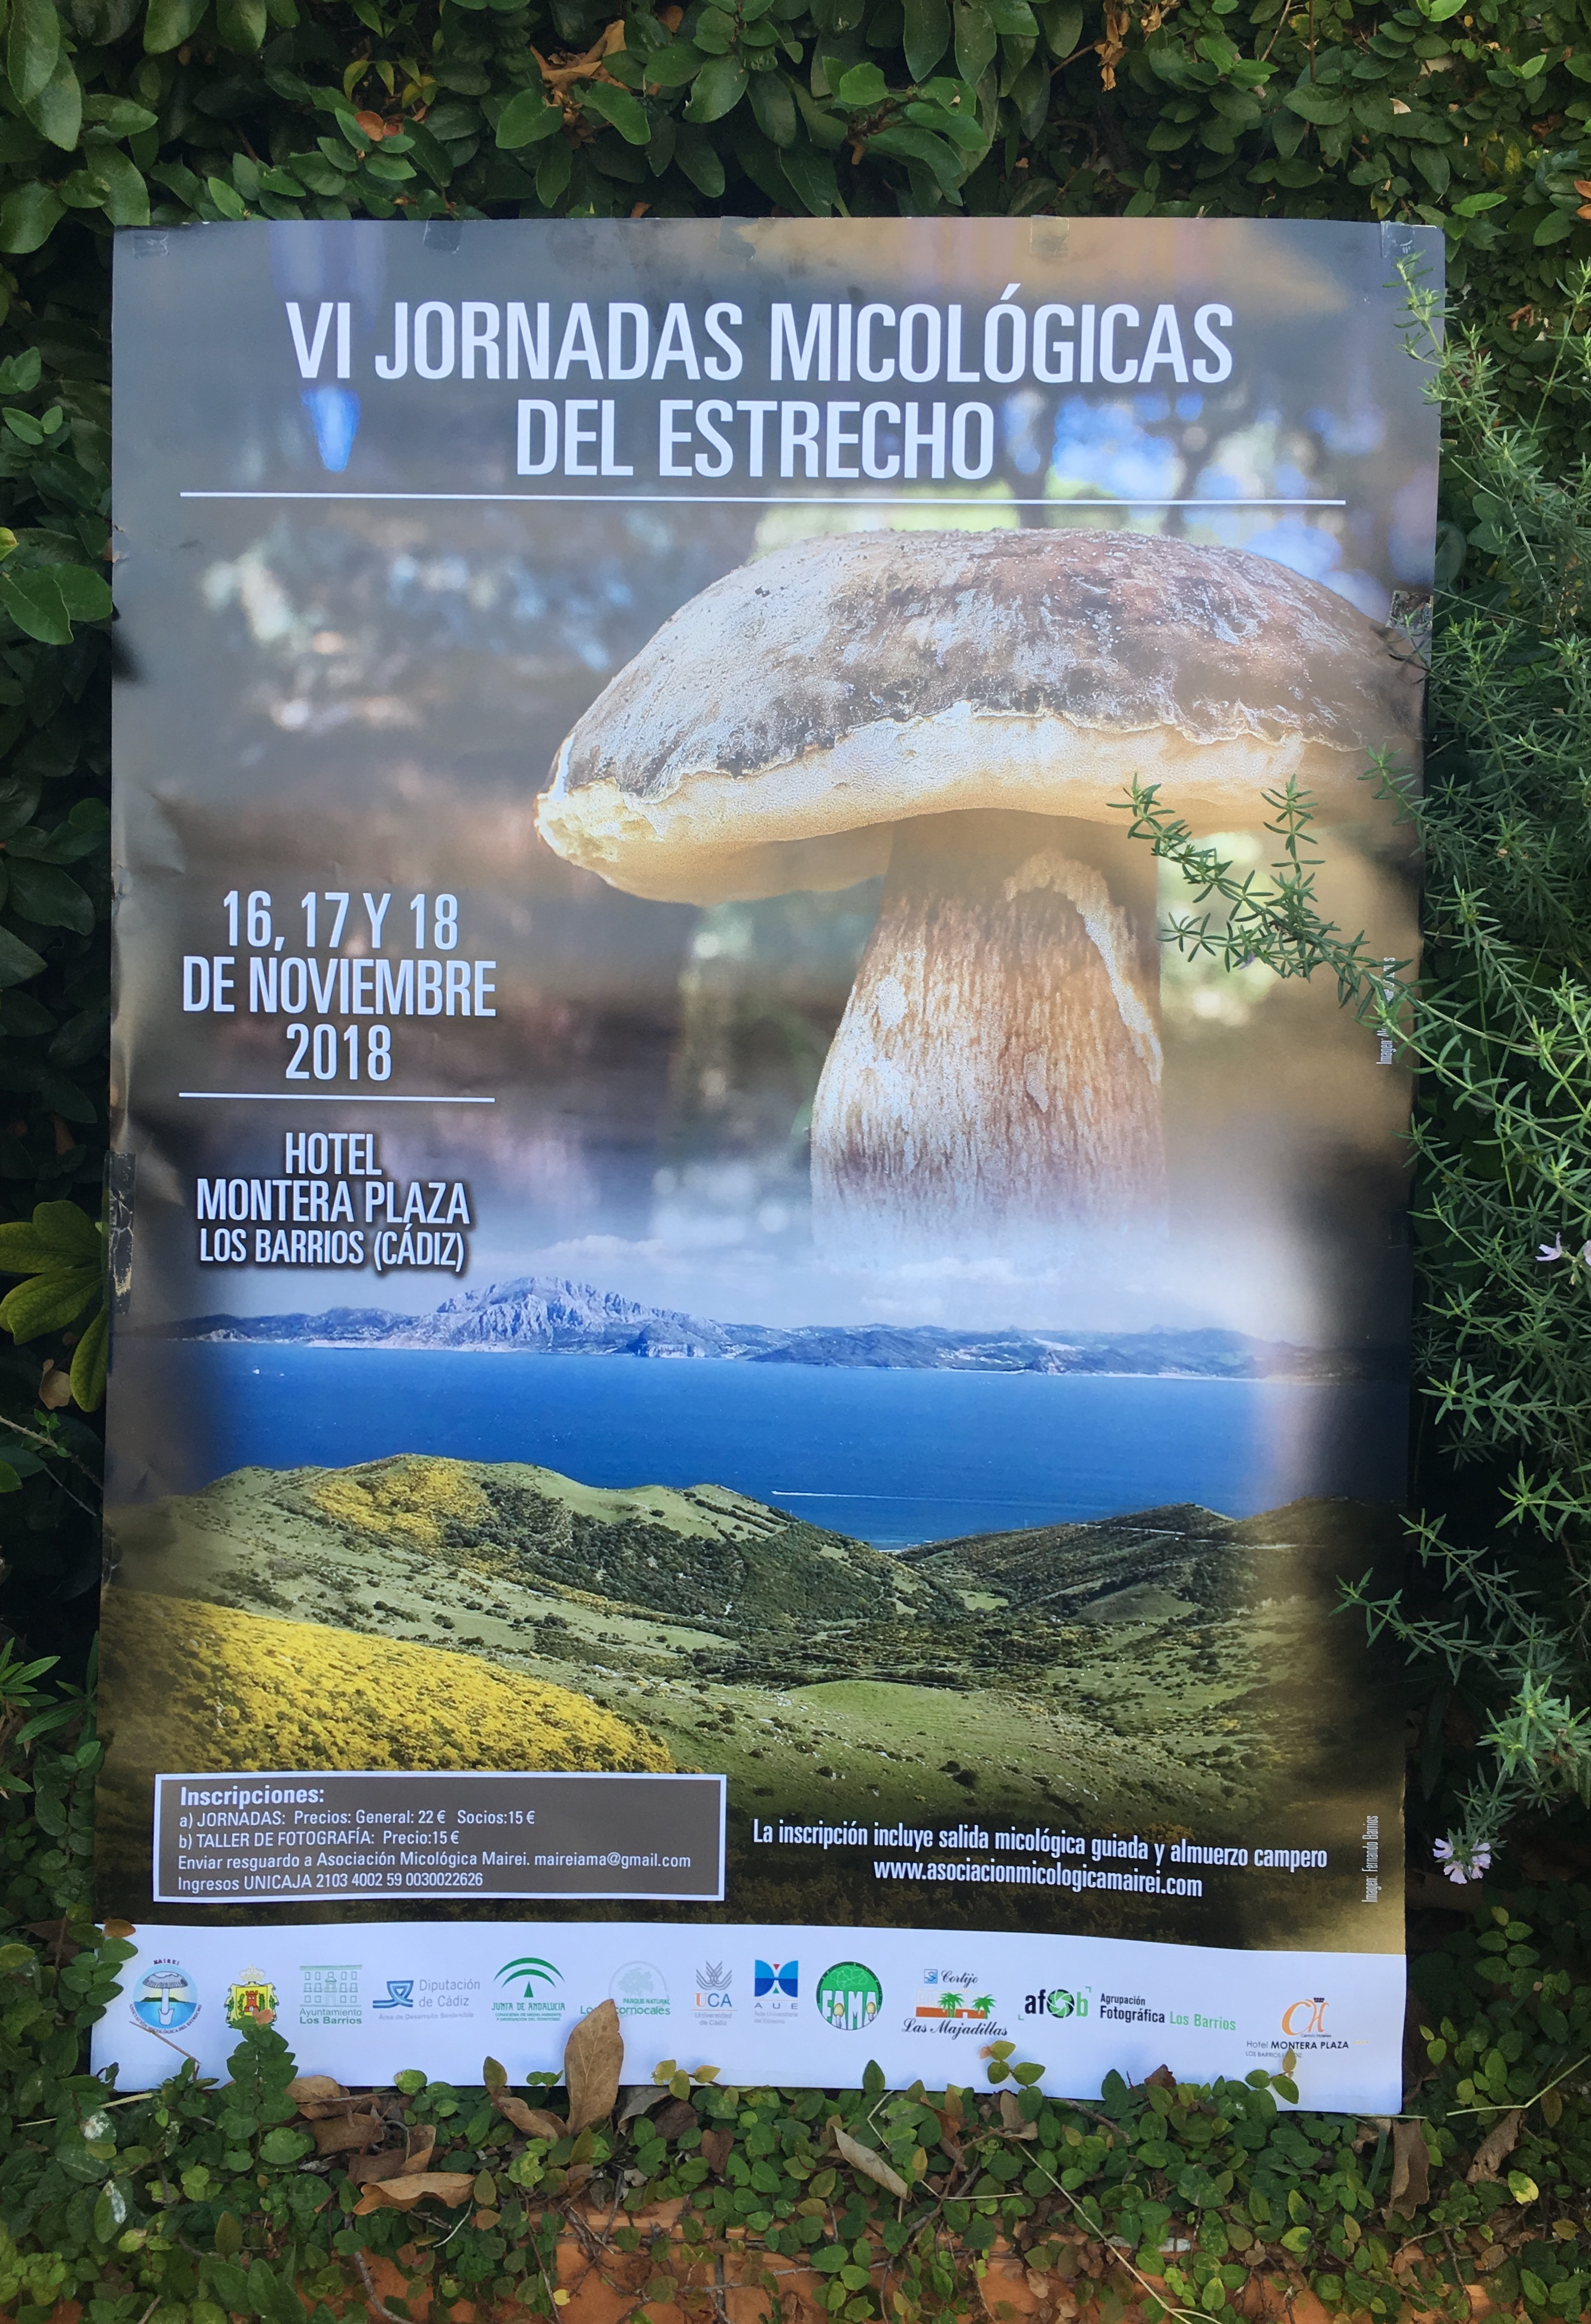 VI Jornadas Micológicas del Estrecho 16,17 y 18 de noviembre.